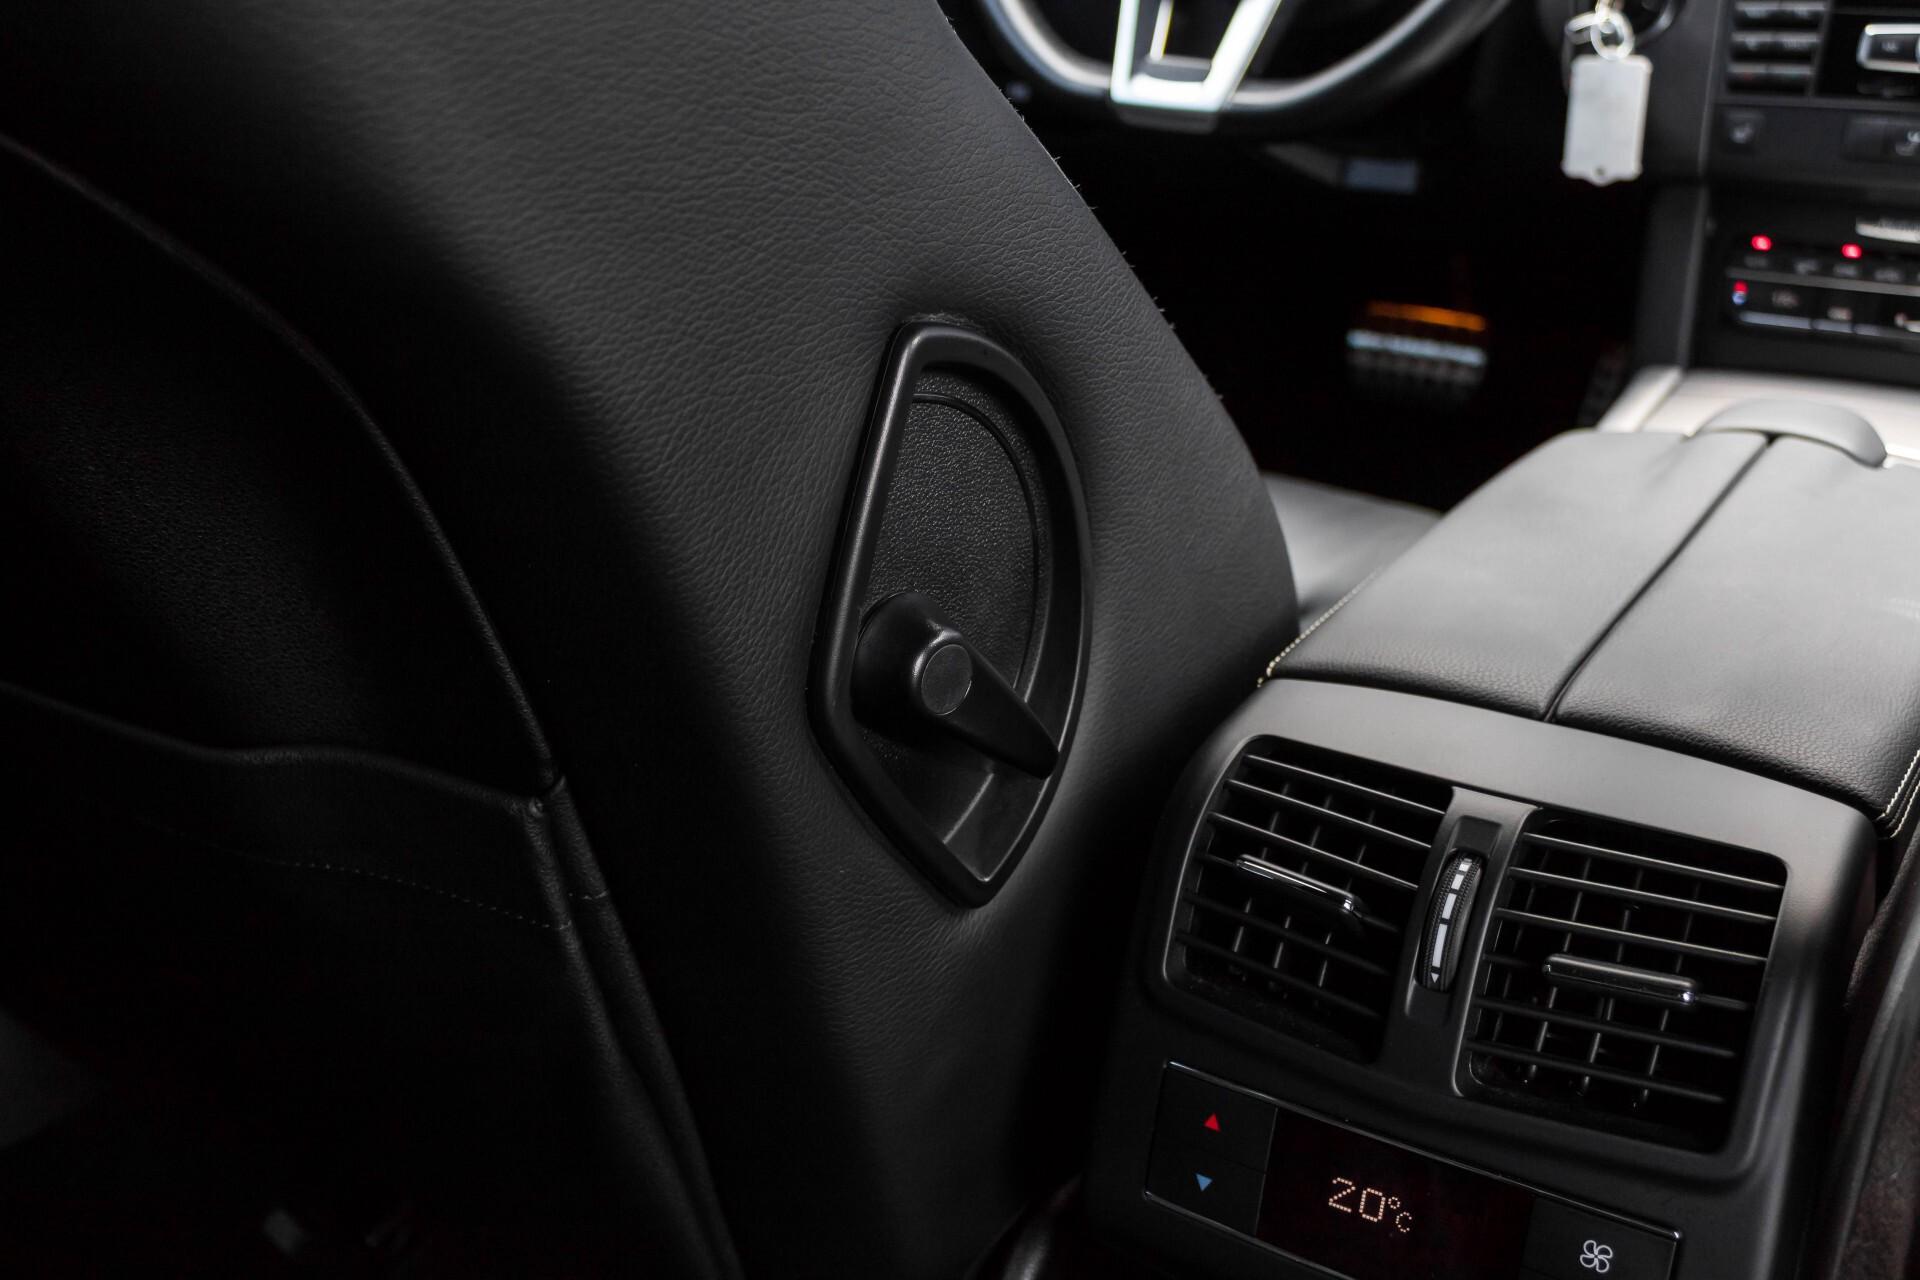 Mercedes-Benz E-Klasse Estate 350 Cdi AMG Luchtvering/Schuifdak/Comand/Harman Kardon/ILS Aut7 Foto 45